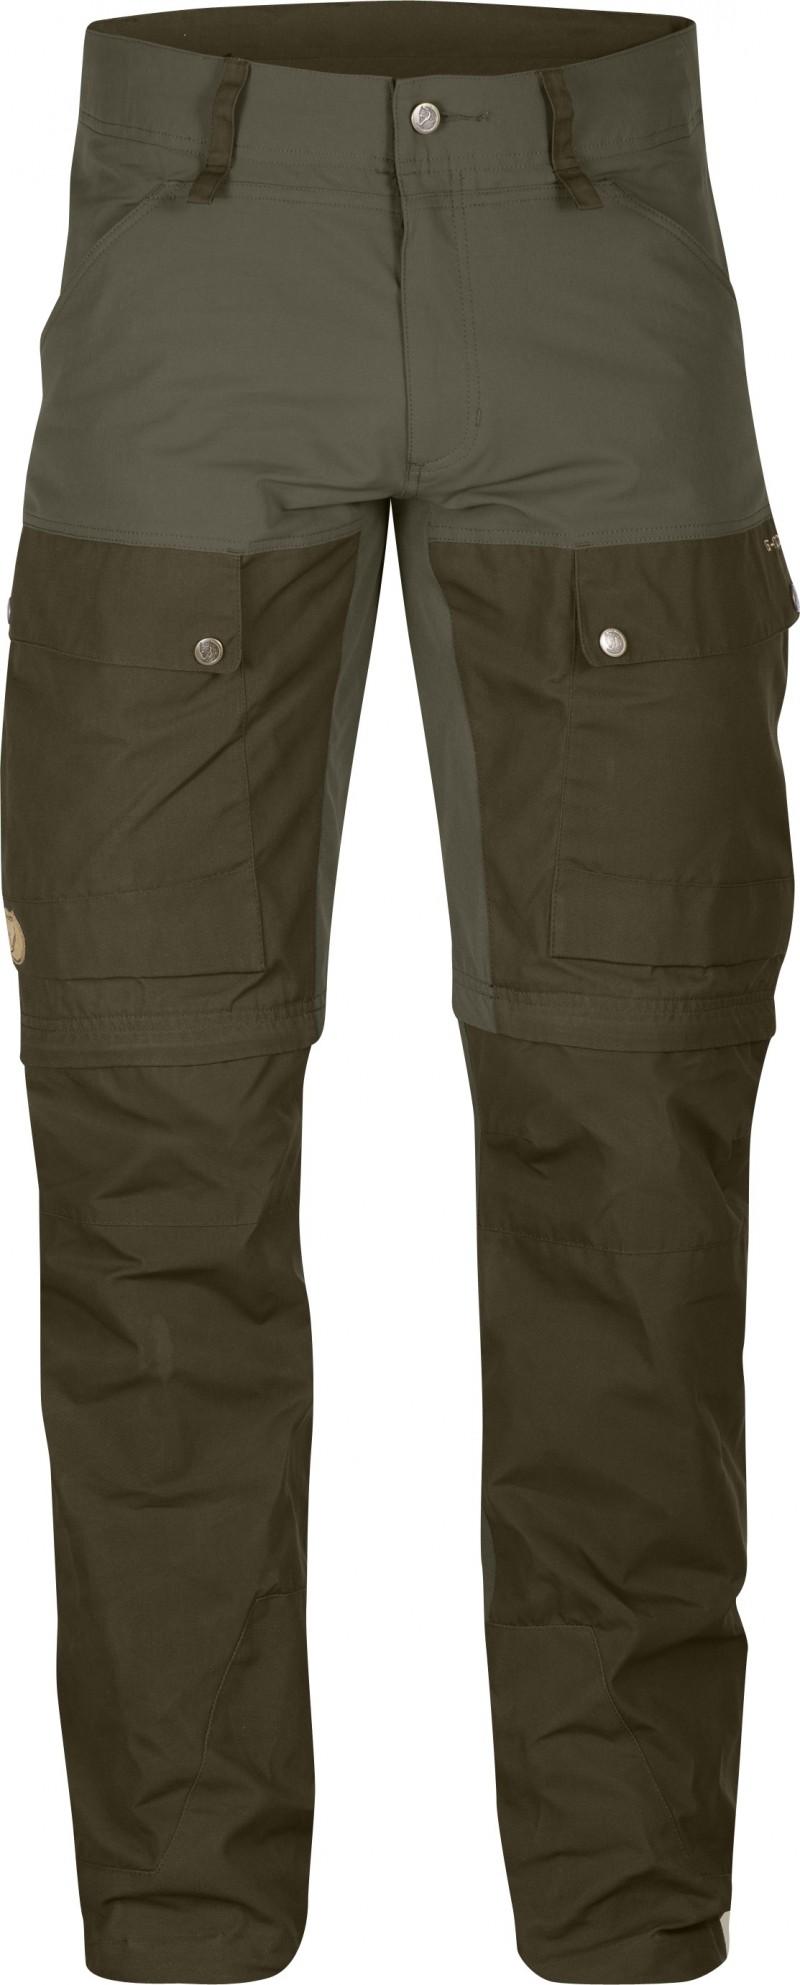 FjallRaven Keb Gaiter Trousers Tarmac-30